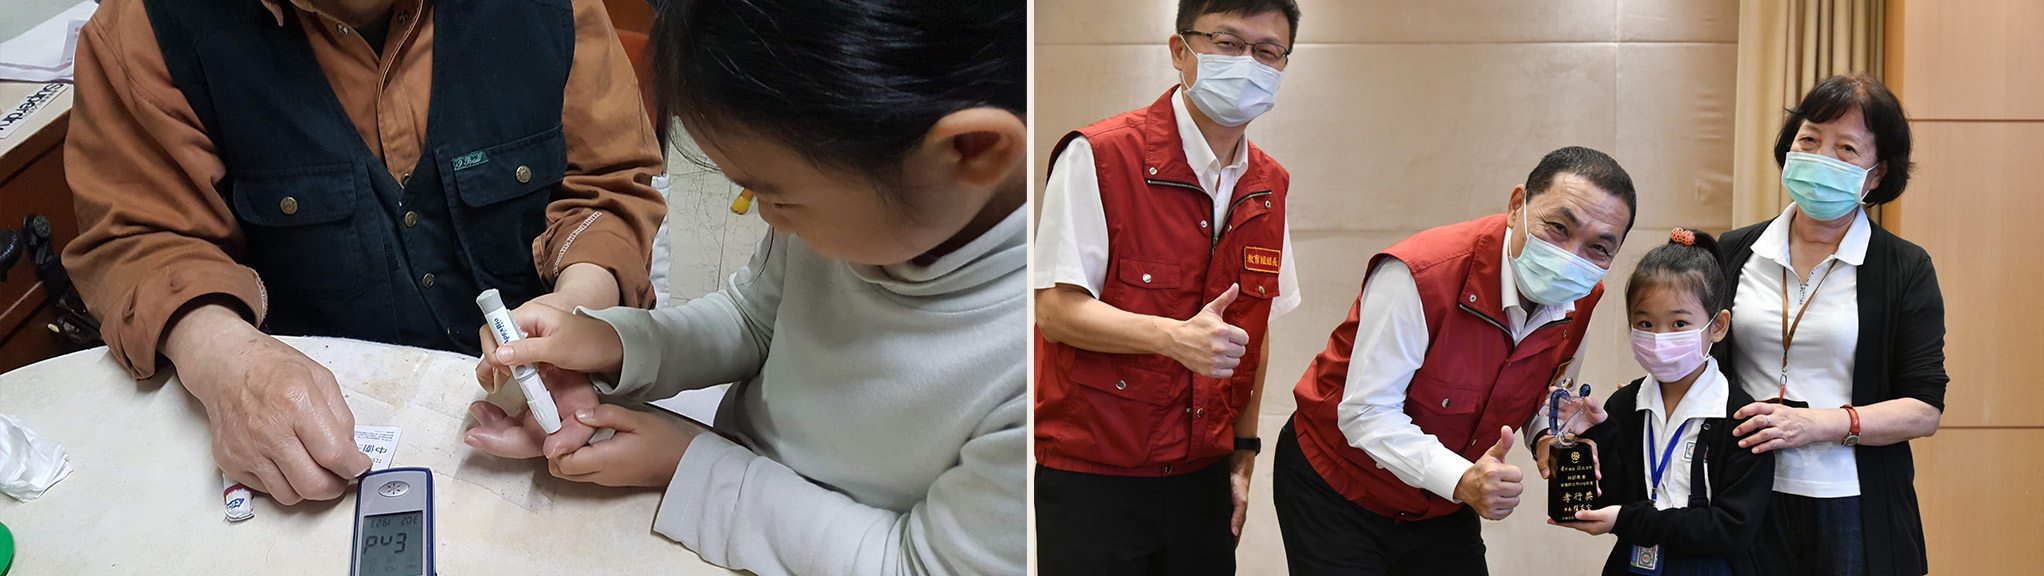 左圖:孝行獎年紀最小的得獎者林妍希協助爺爺測量血糖。右圖:蘆洲國小二年級的林妍希同學跟奶奶一同領獎。